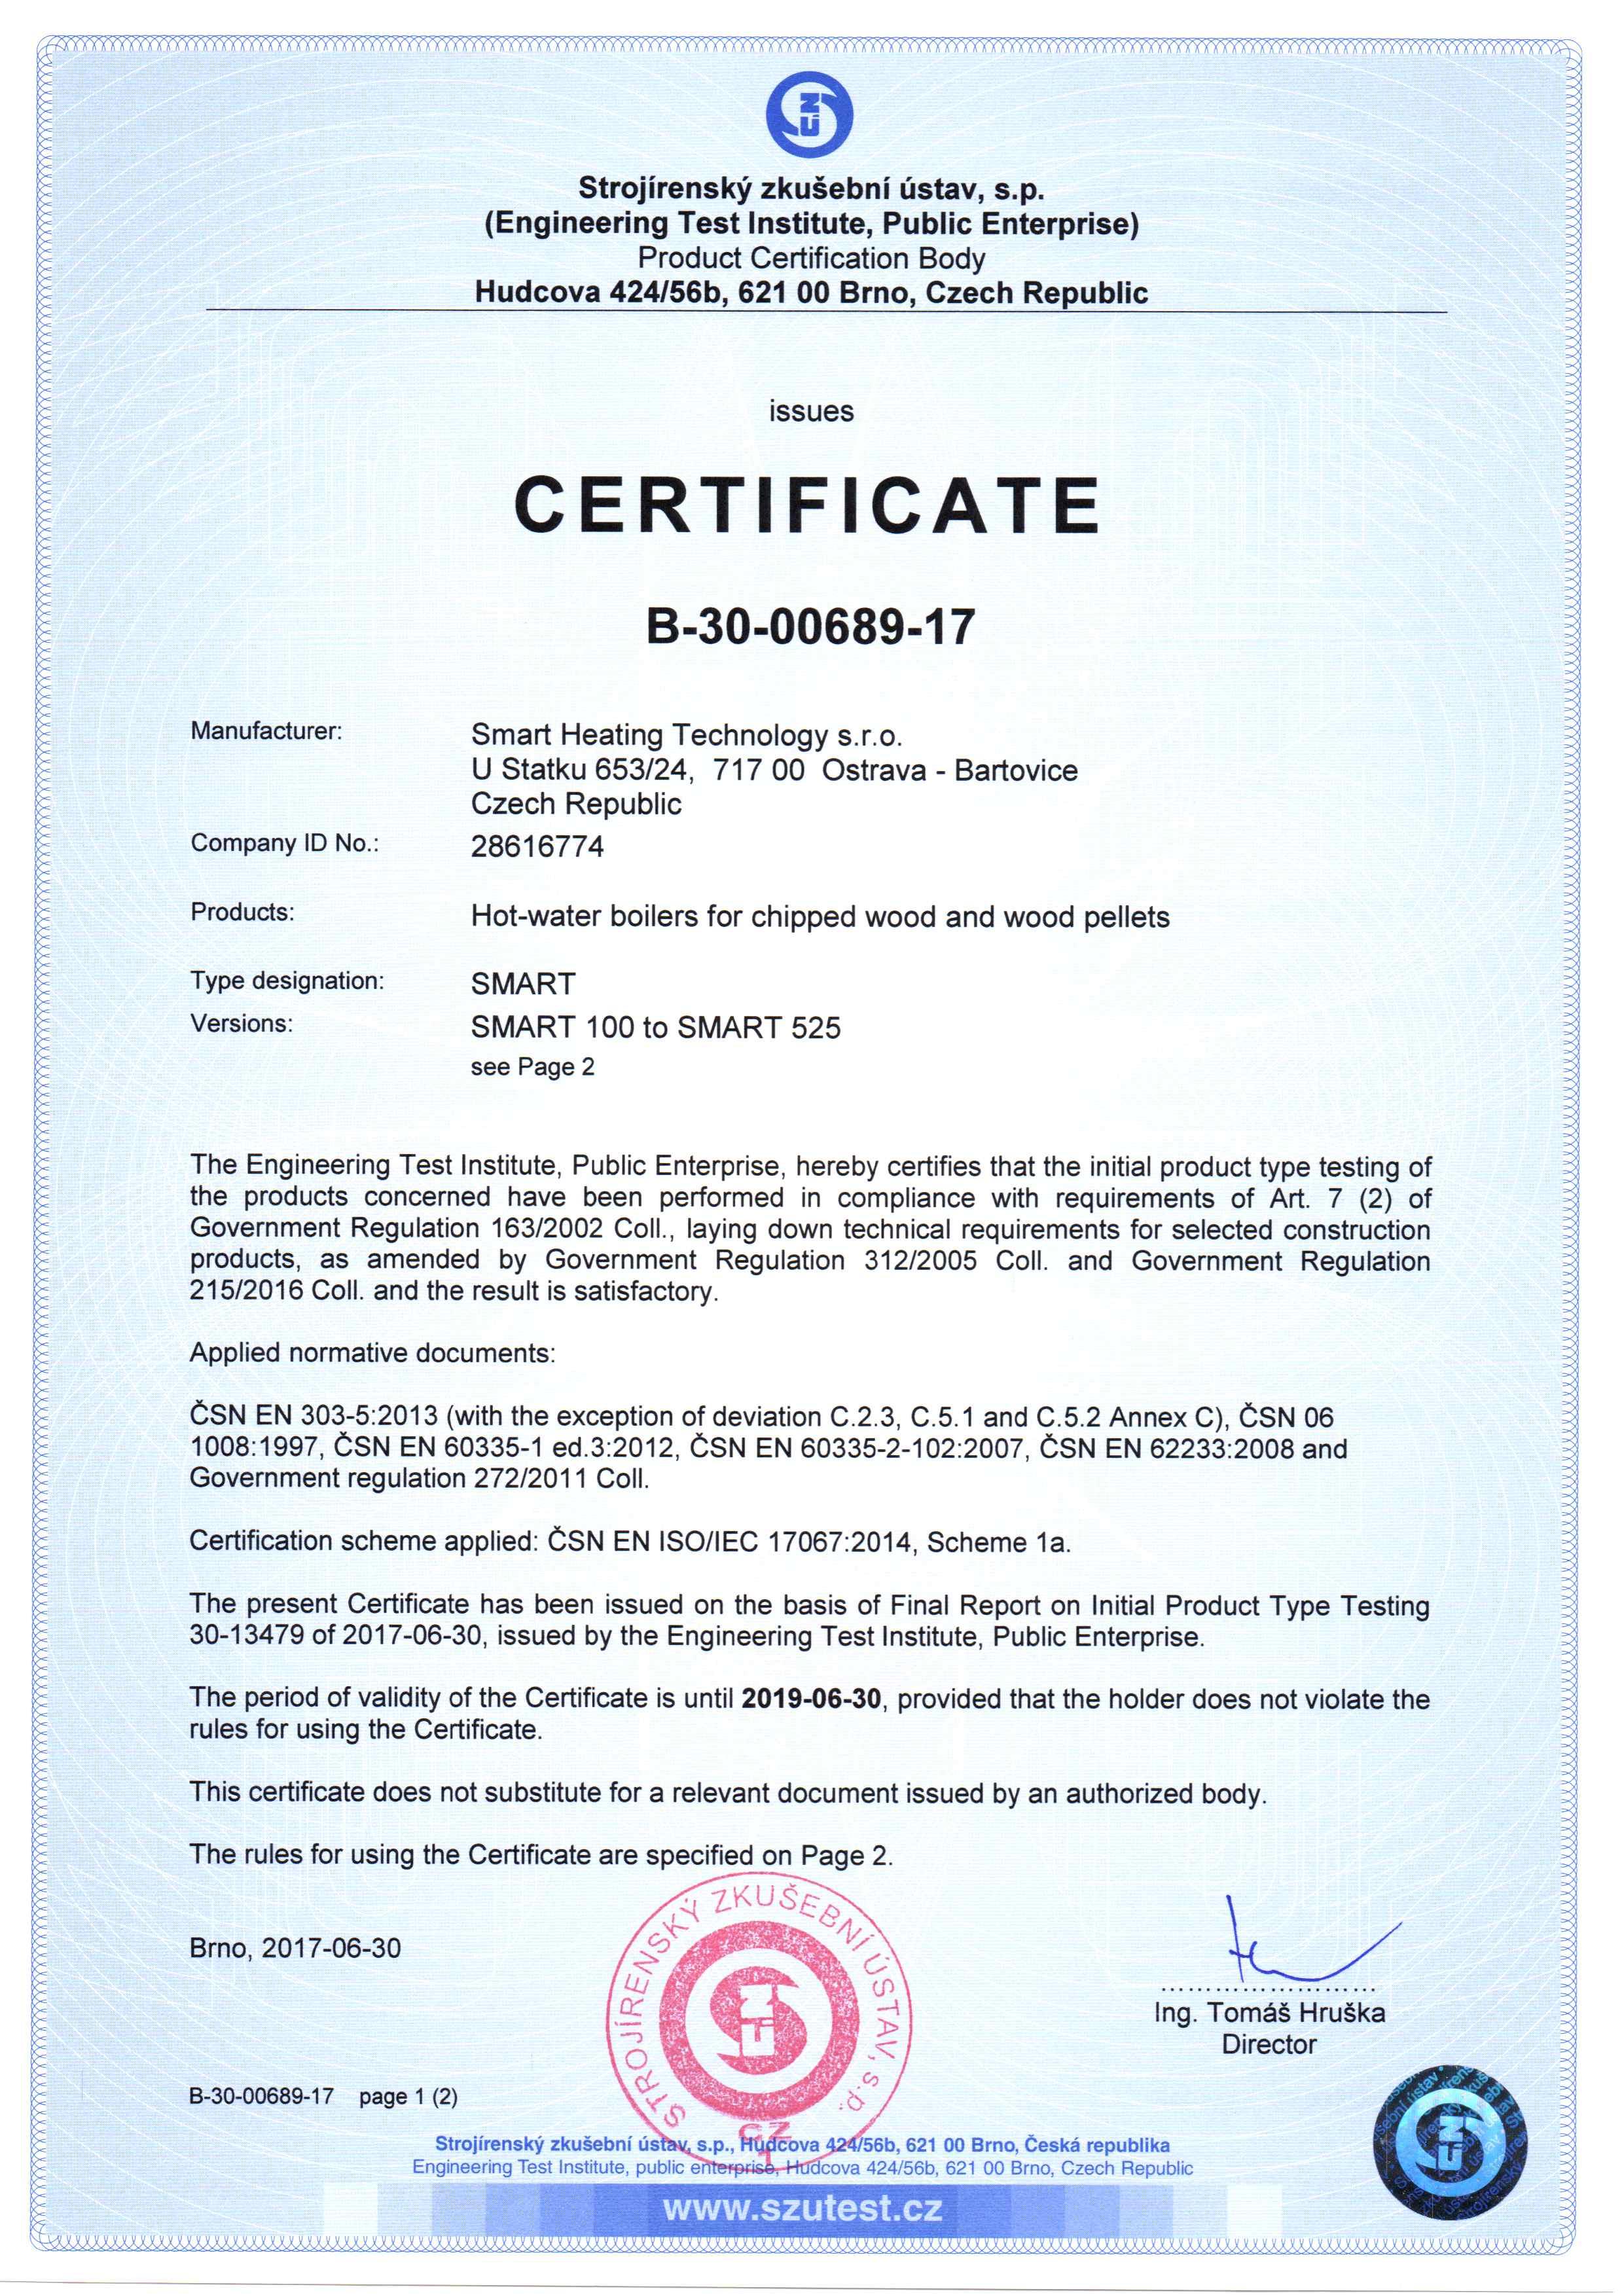 certifikat-b-30-00689-17-eng_stranka_1